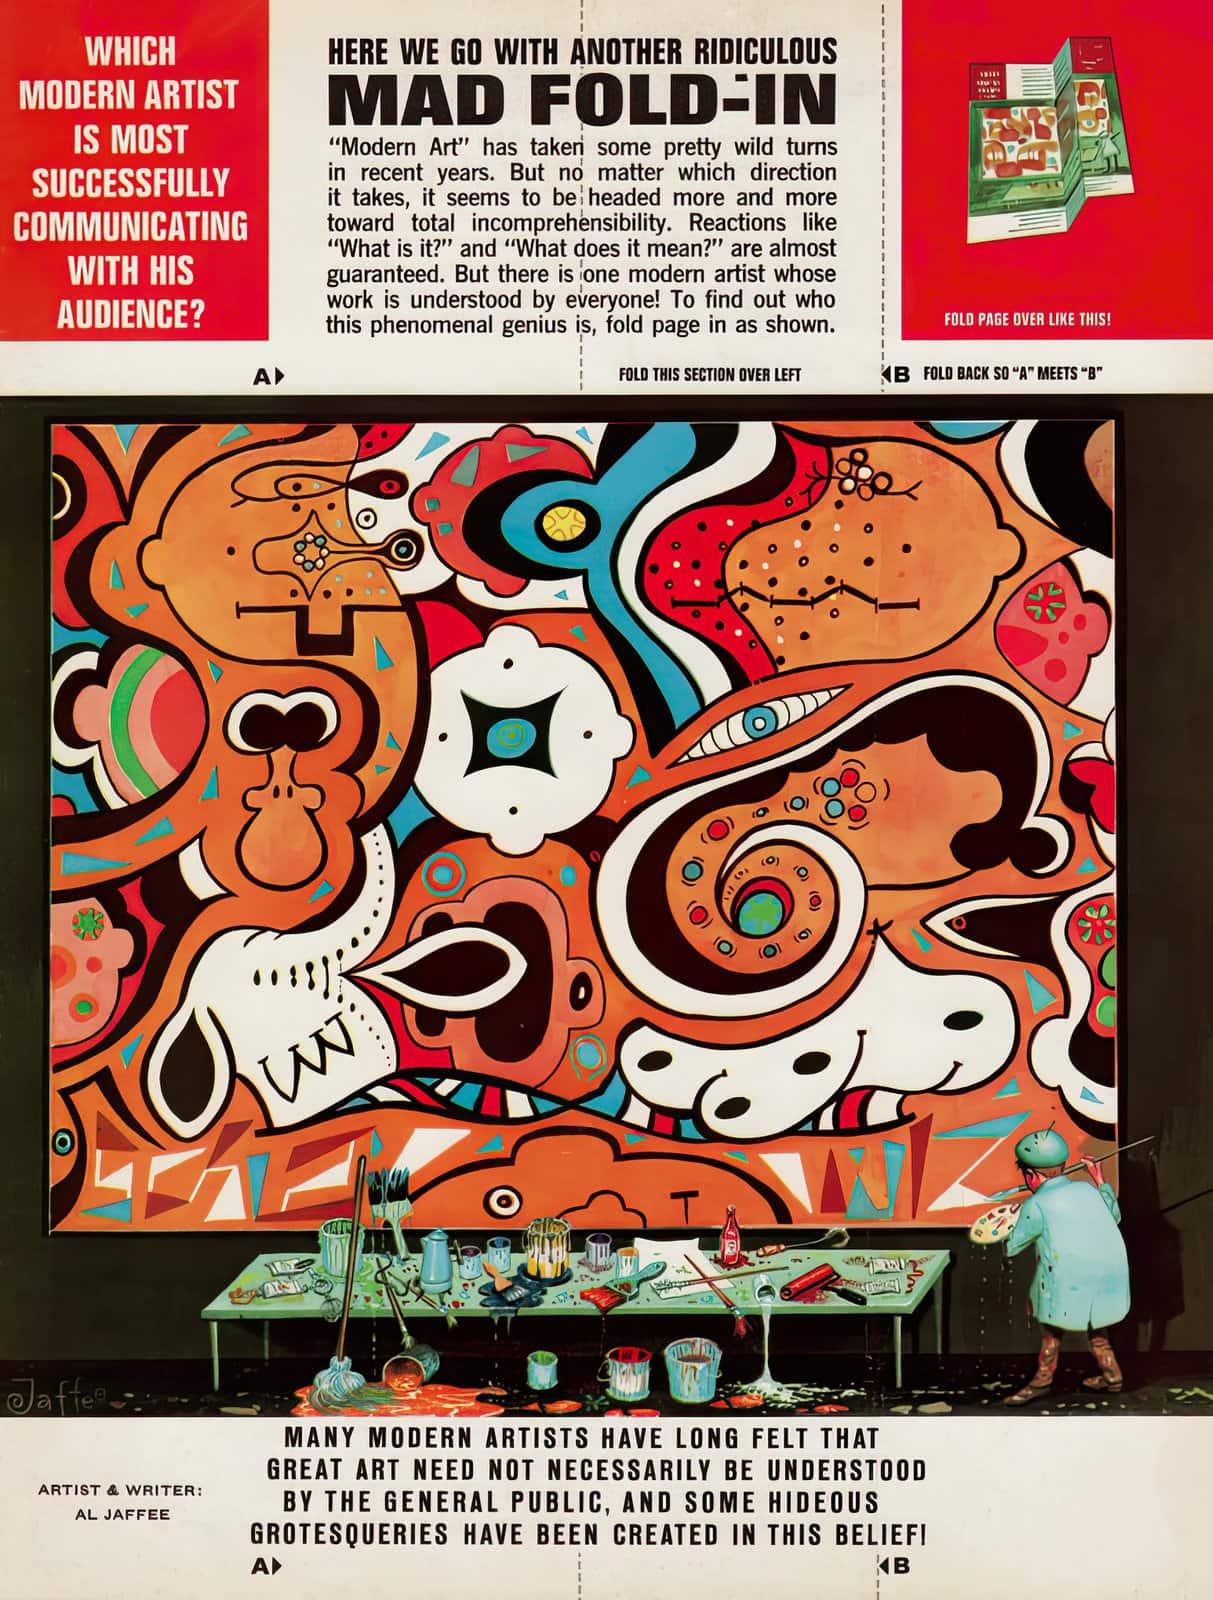 Vintage Mad Magazine fold-in - Modern artist